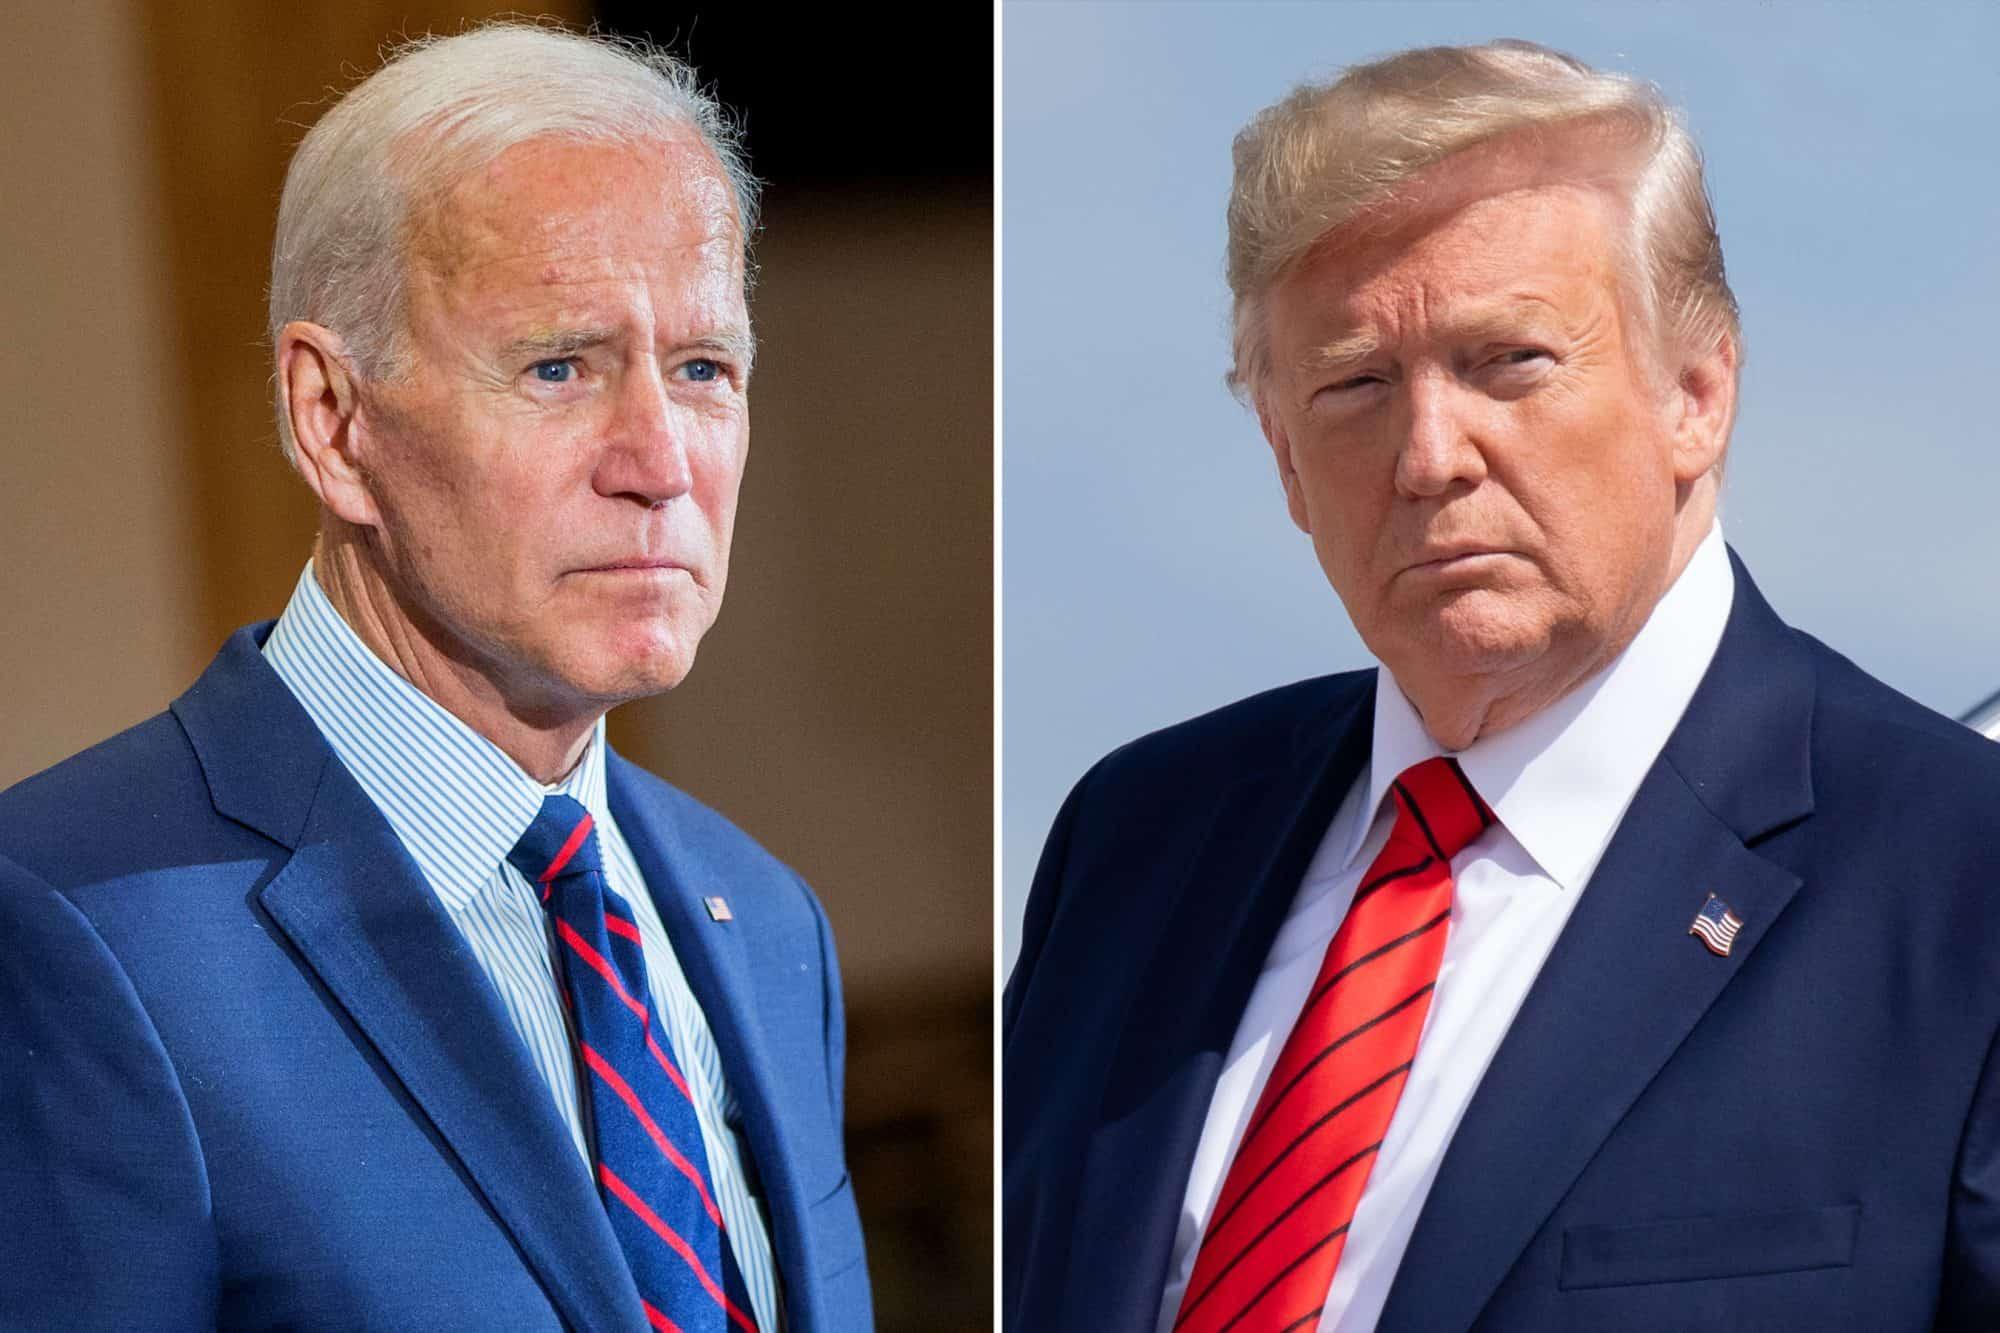 Bầu cử Mỹ: Ông Trump gấp rút giành phiếu, ông Biden thận trọng - 1